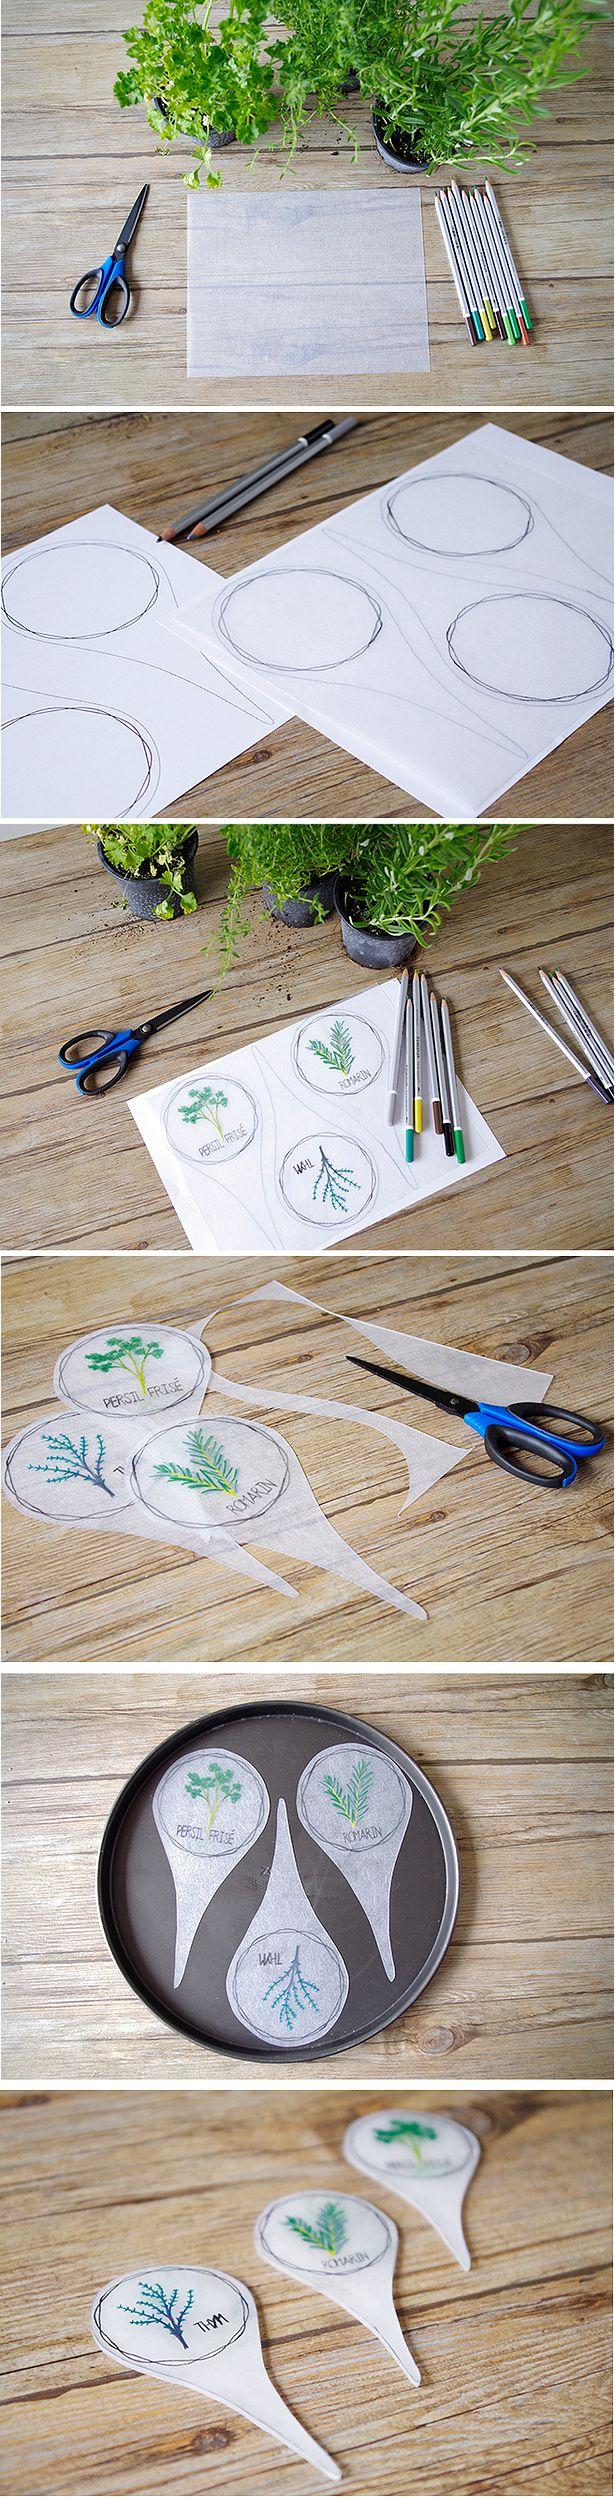 DIY} créer des jolis porte nom pour les plantes - plantez-vous un ...